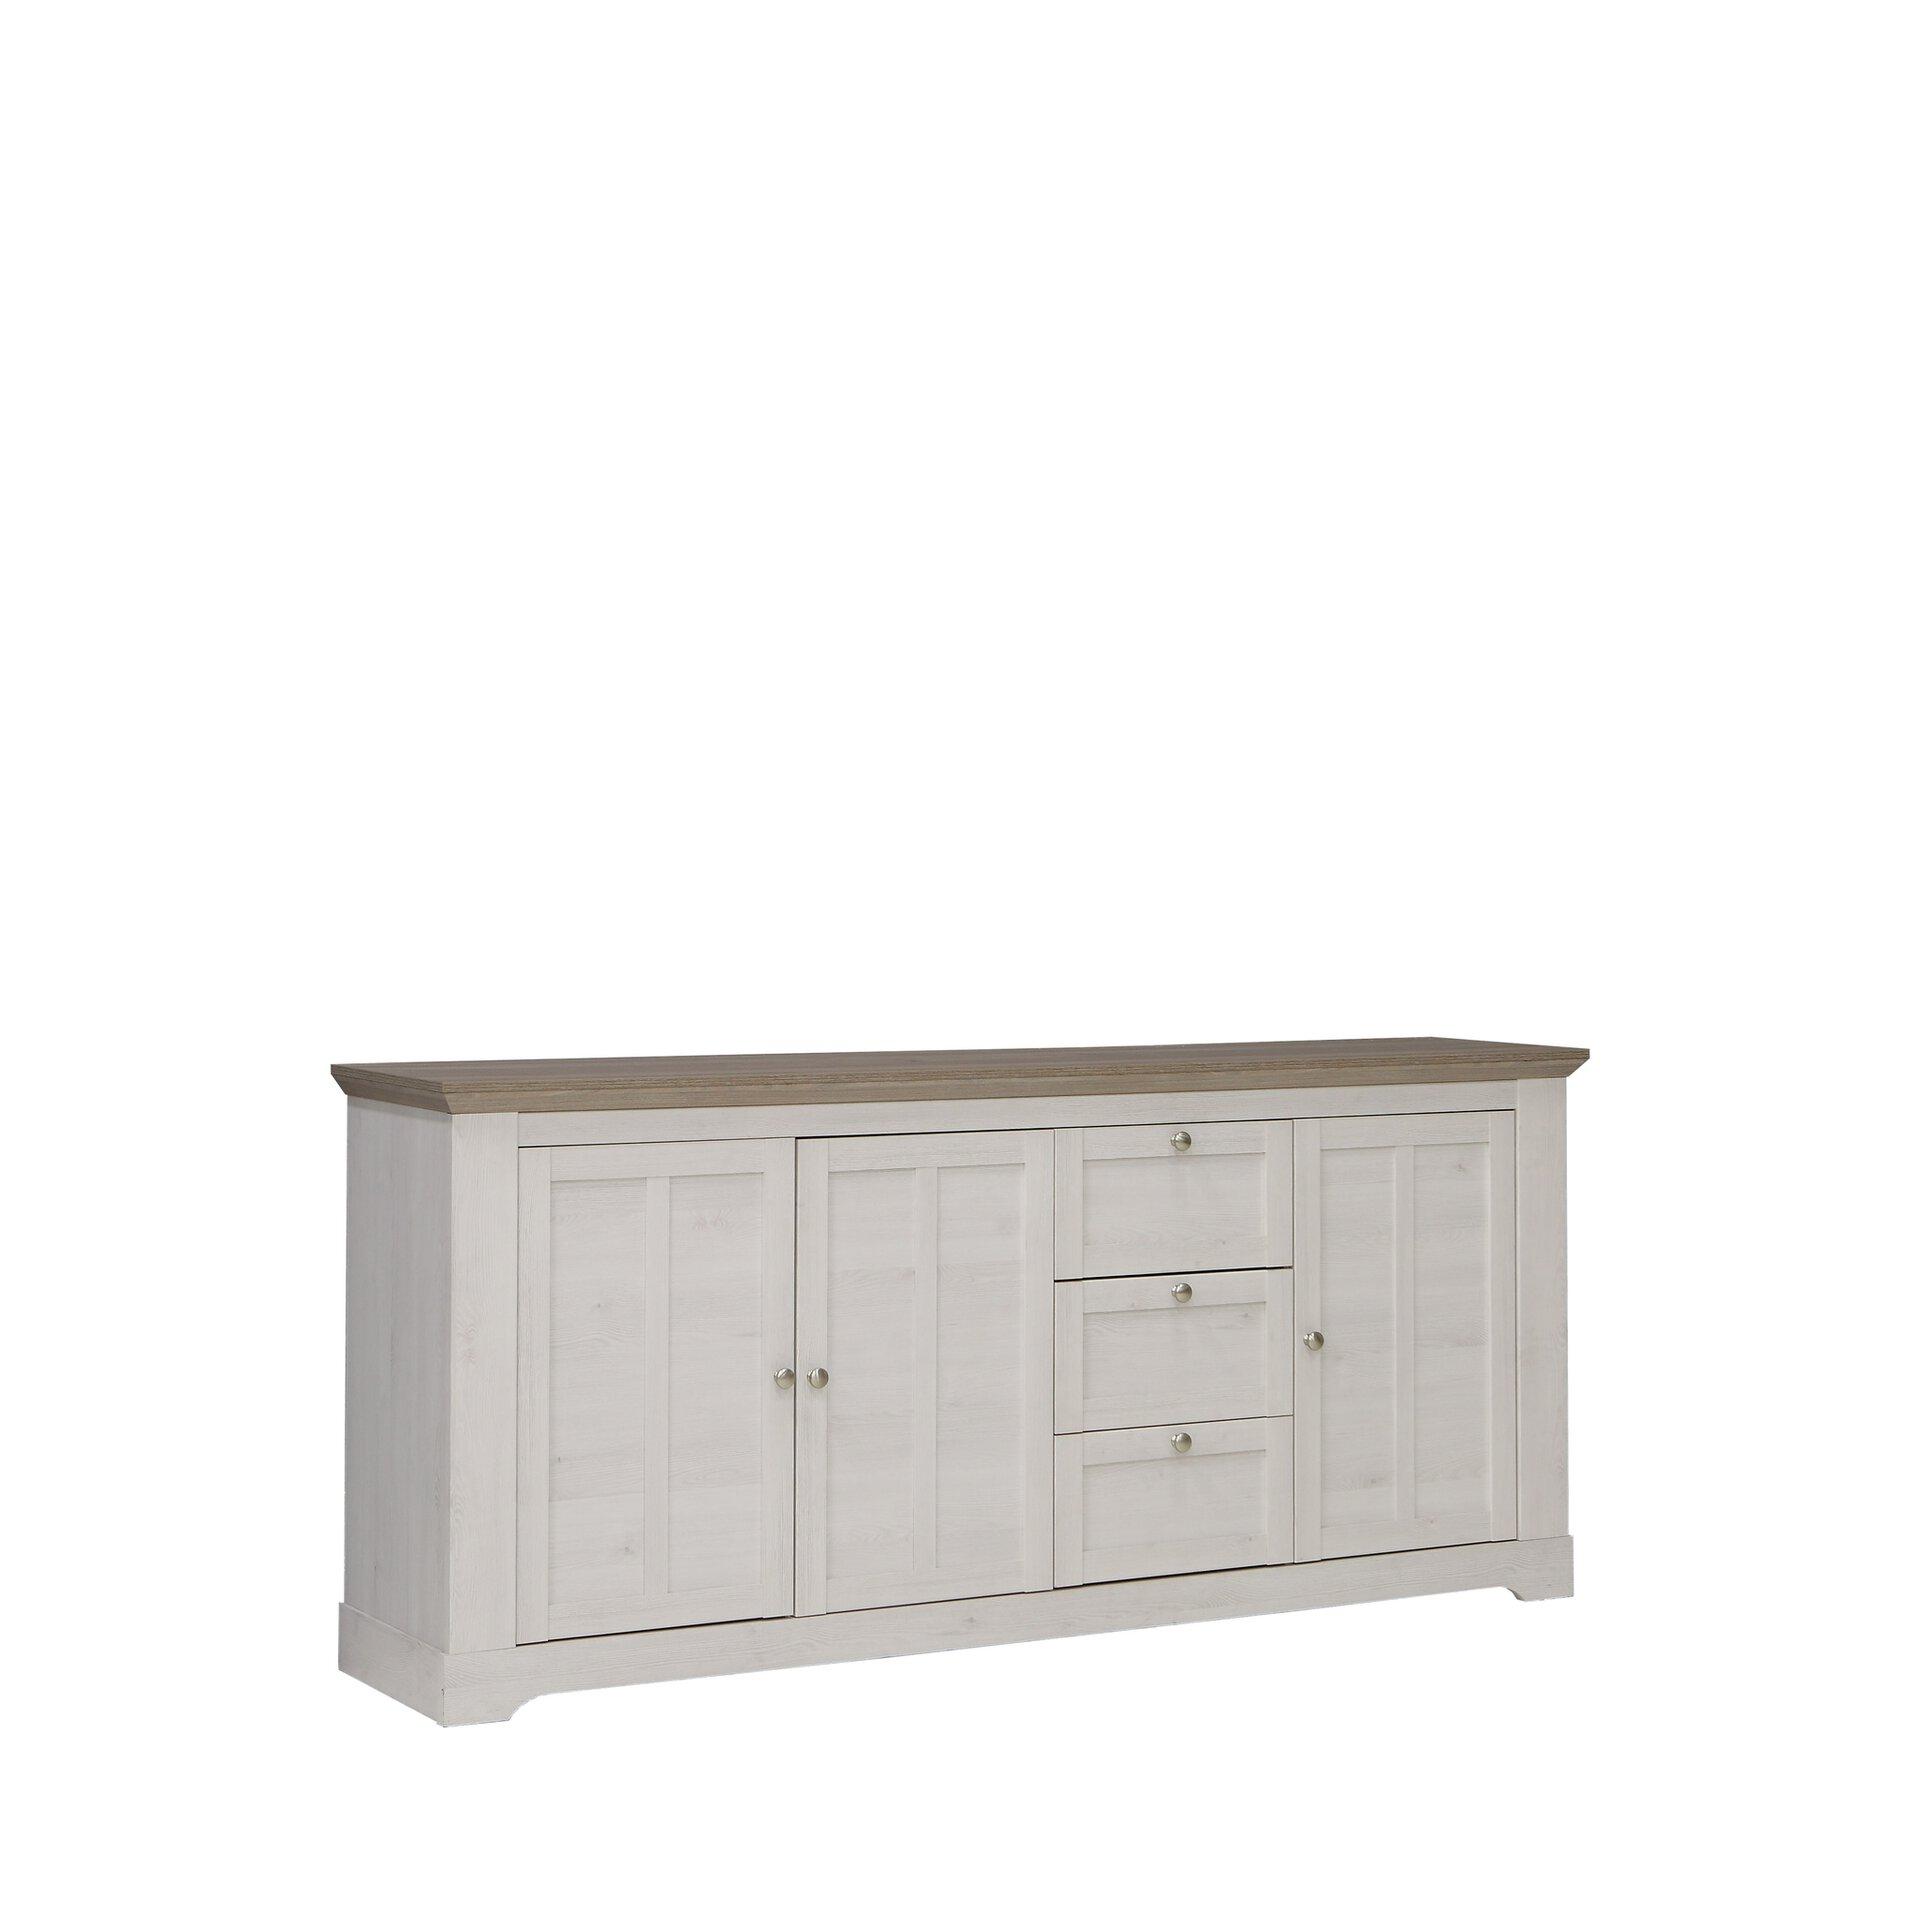 Sideboard ALETTA SELF Holzwerkstoff 44 x 93 x 205 cm